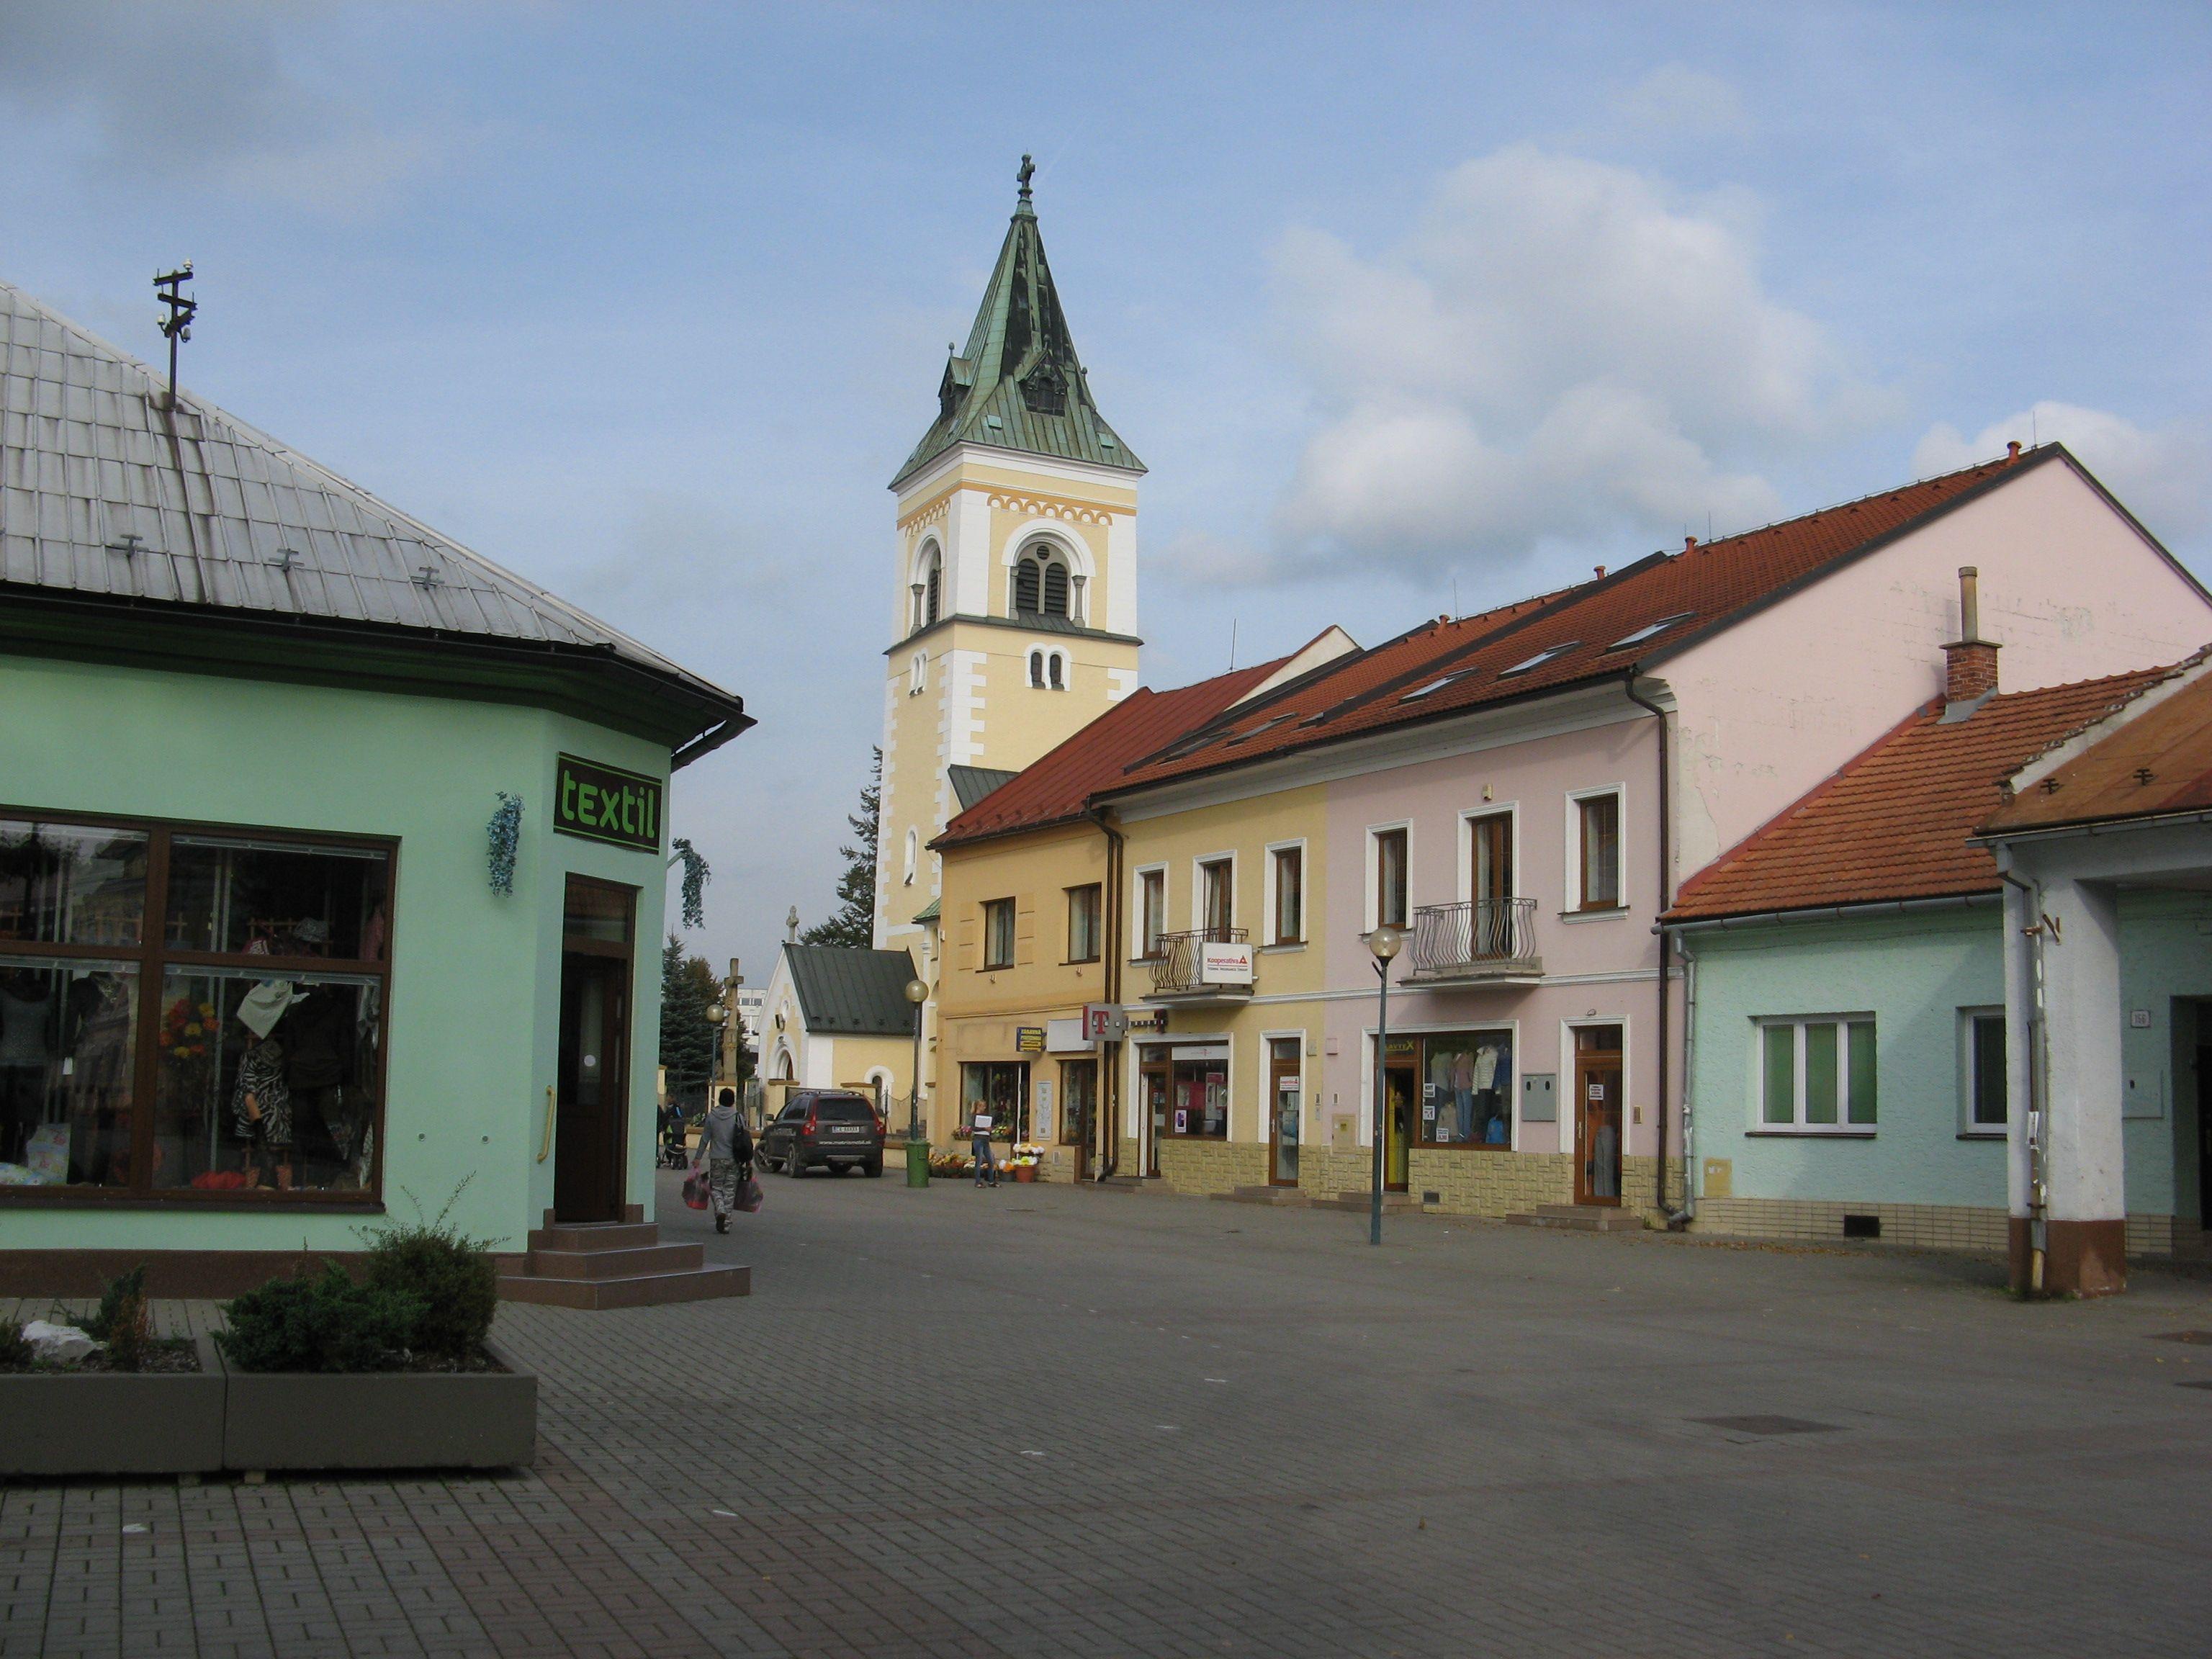 Namestie Slobody, Kysucke Nove Mesto, Slovakia, Europe (by maria sabarly)